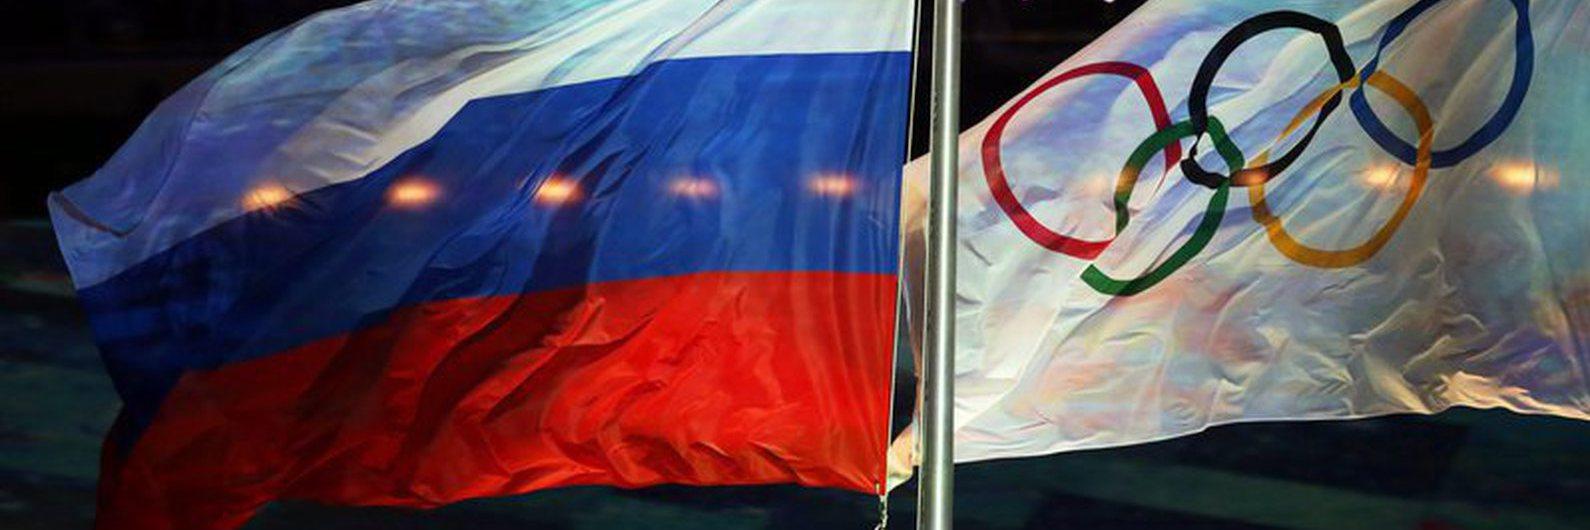 Alemanha exige suspensão total dos desportistas russos